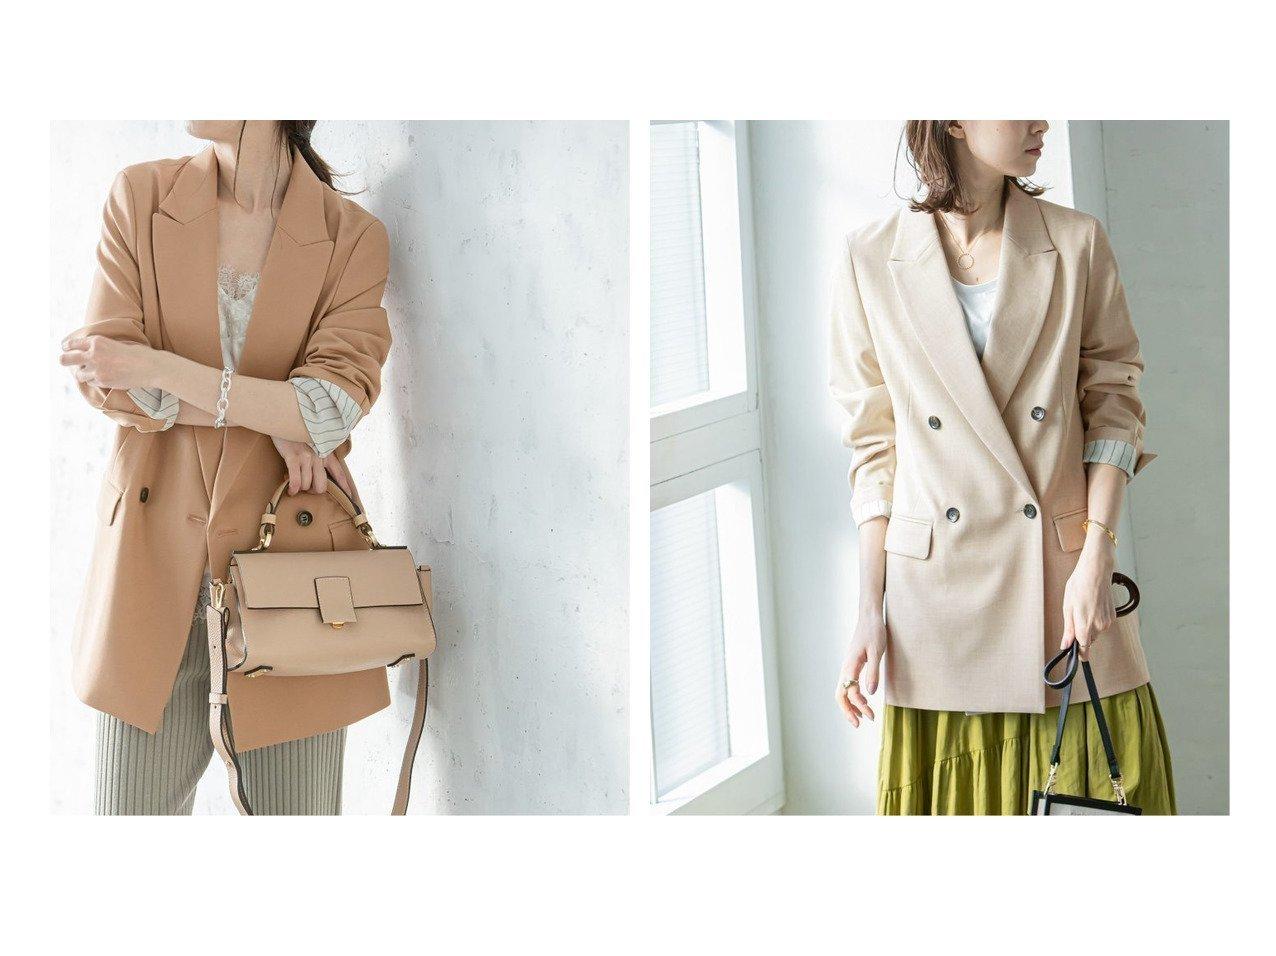 【NOBLE / Spick & Span/ノーブル / スピック&スパン】のナローピークドジャケット 【アウター】おすすめ!人気、トレンド・レディースファッションの通販  おすすめで人気の流行・トレンド、ファッションの通販商品 メンズファッション・キッズファッション・インテリア・家具・レディースファッション・服の通販 founy(ファニー) https://founy.com/ ファッション Fashion レディースファッション WOMEN アウター Coat Outerwear ジャケット Jackets テーラードジャケット Tailored Jackets 2021年 2021 2021春夏・S/S SS/Spring/Summer/2021 S/S・春夏 SS・Spring/Summer ジャケット ストレッチ ミックス |ID:crp329100000027432